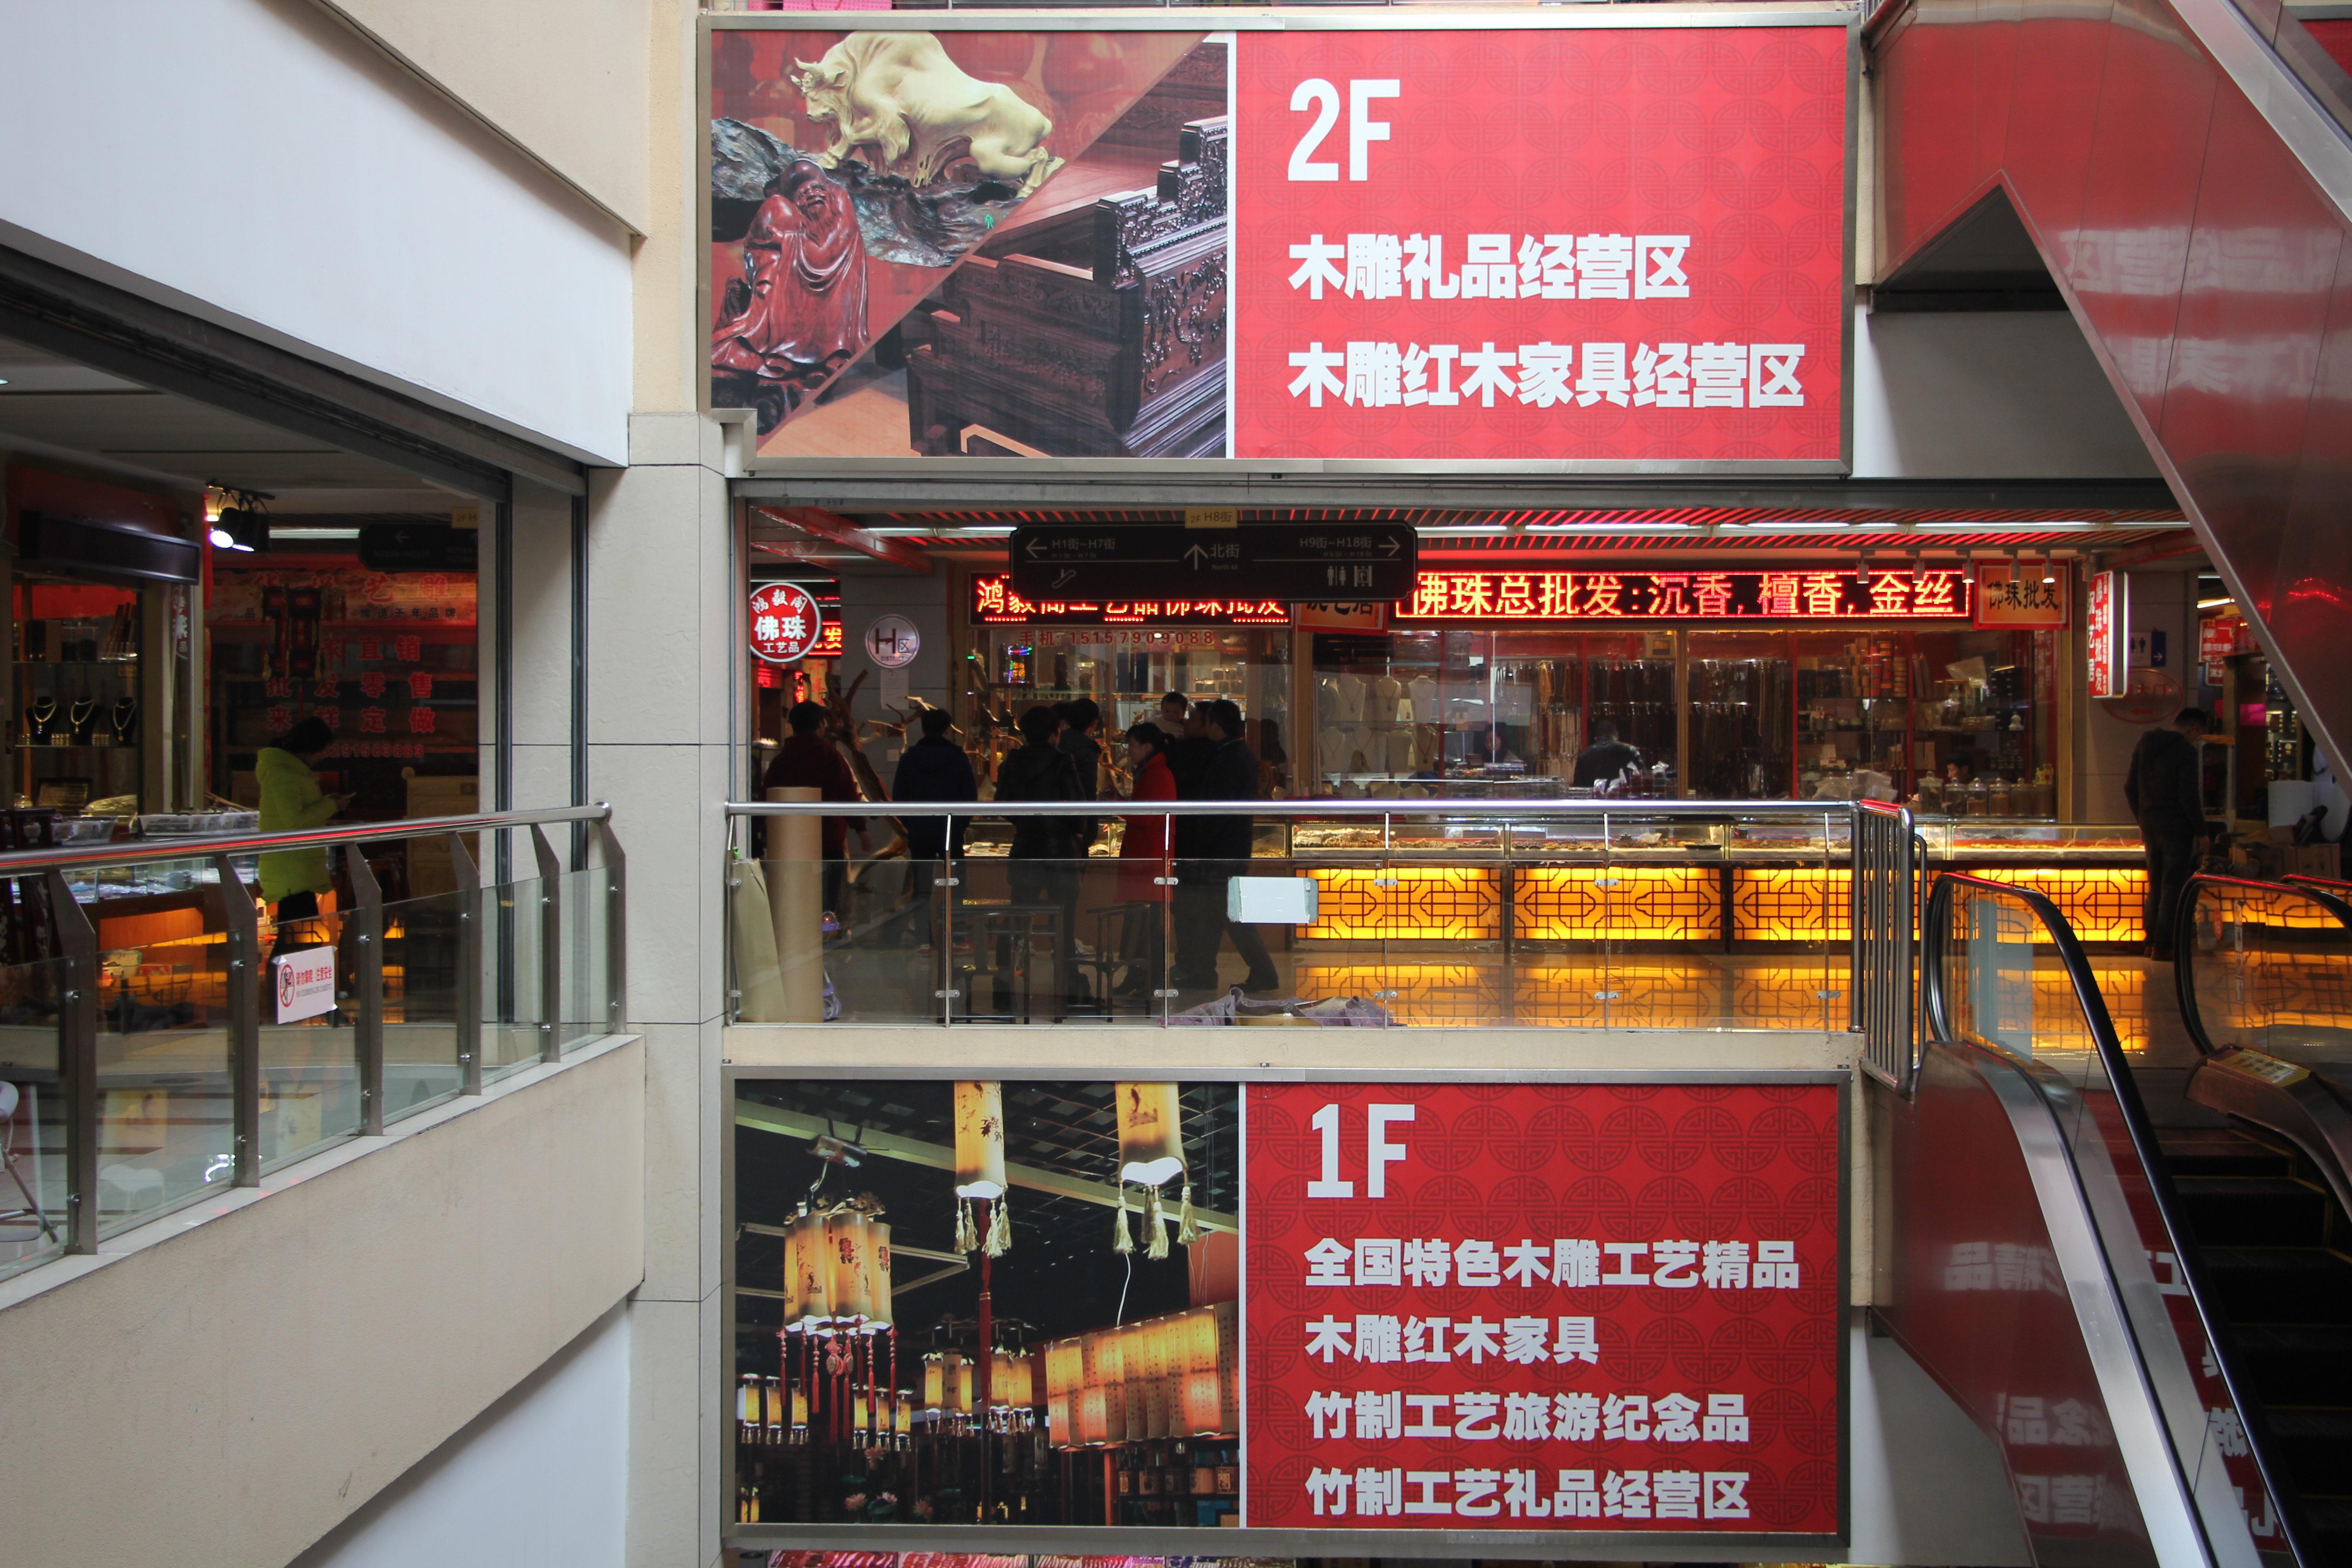 【携程攻略】浙江东阳中国木雕城适合情侣出游旅游吗